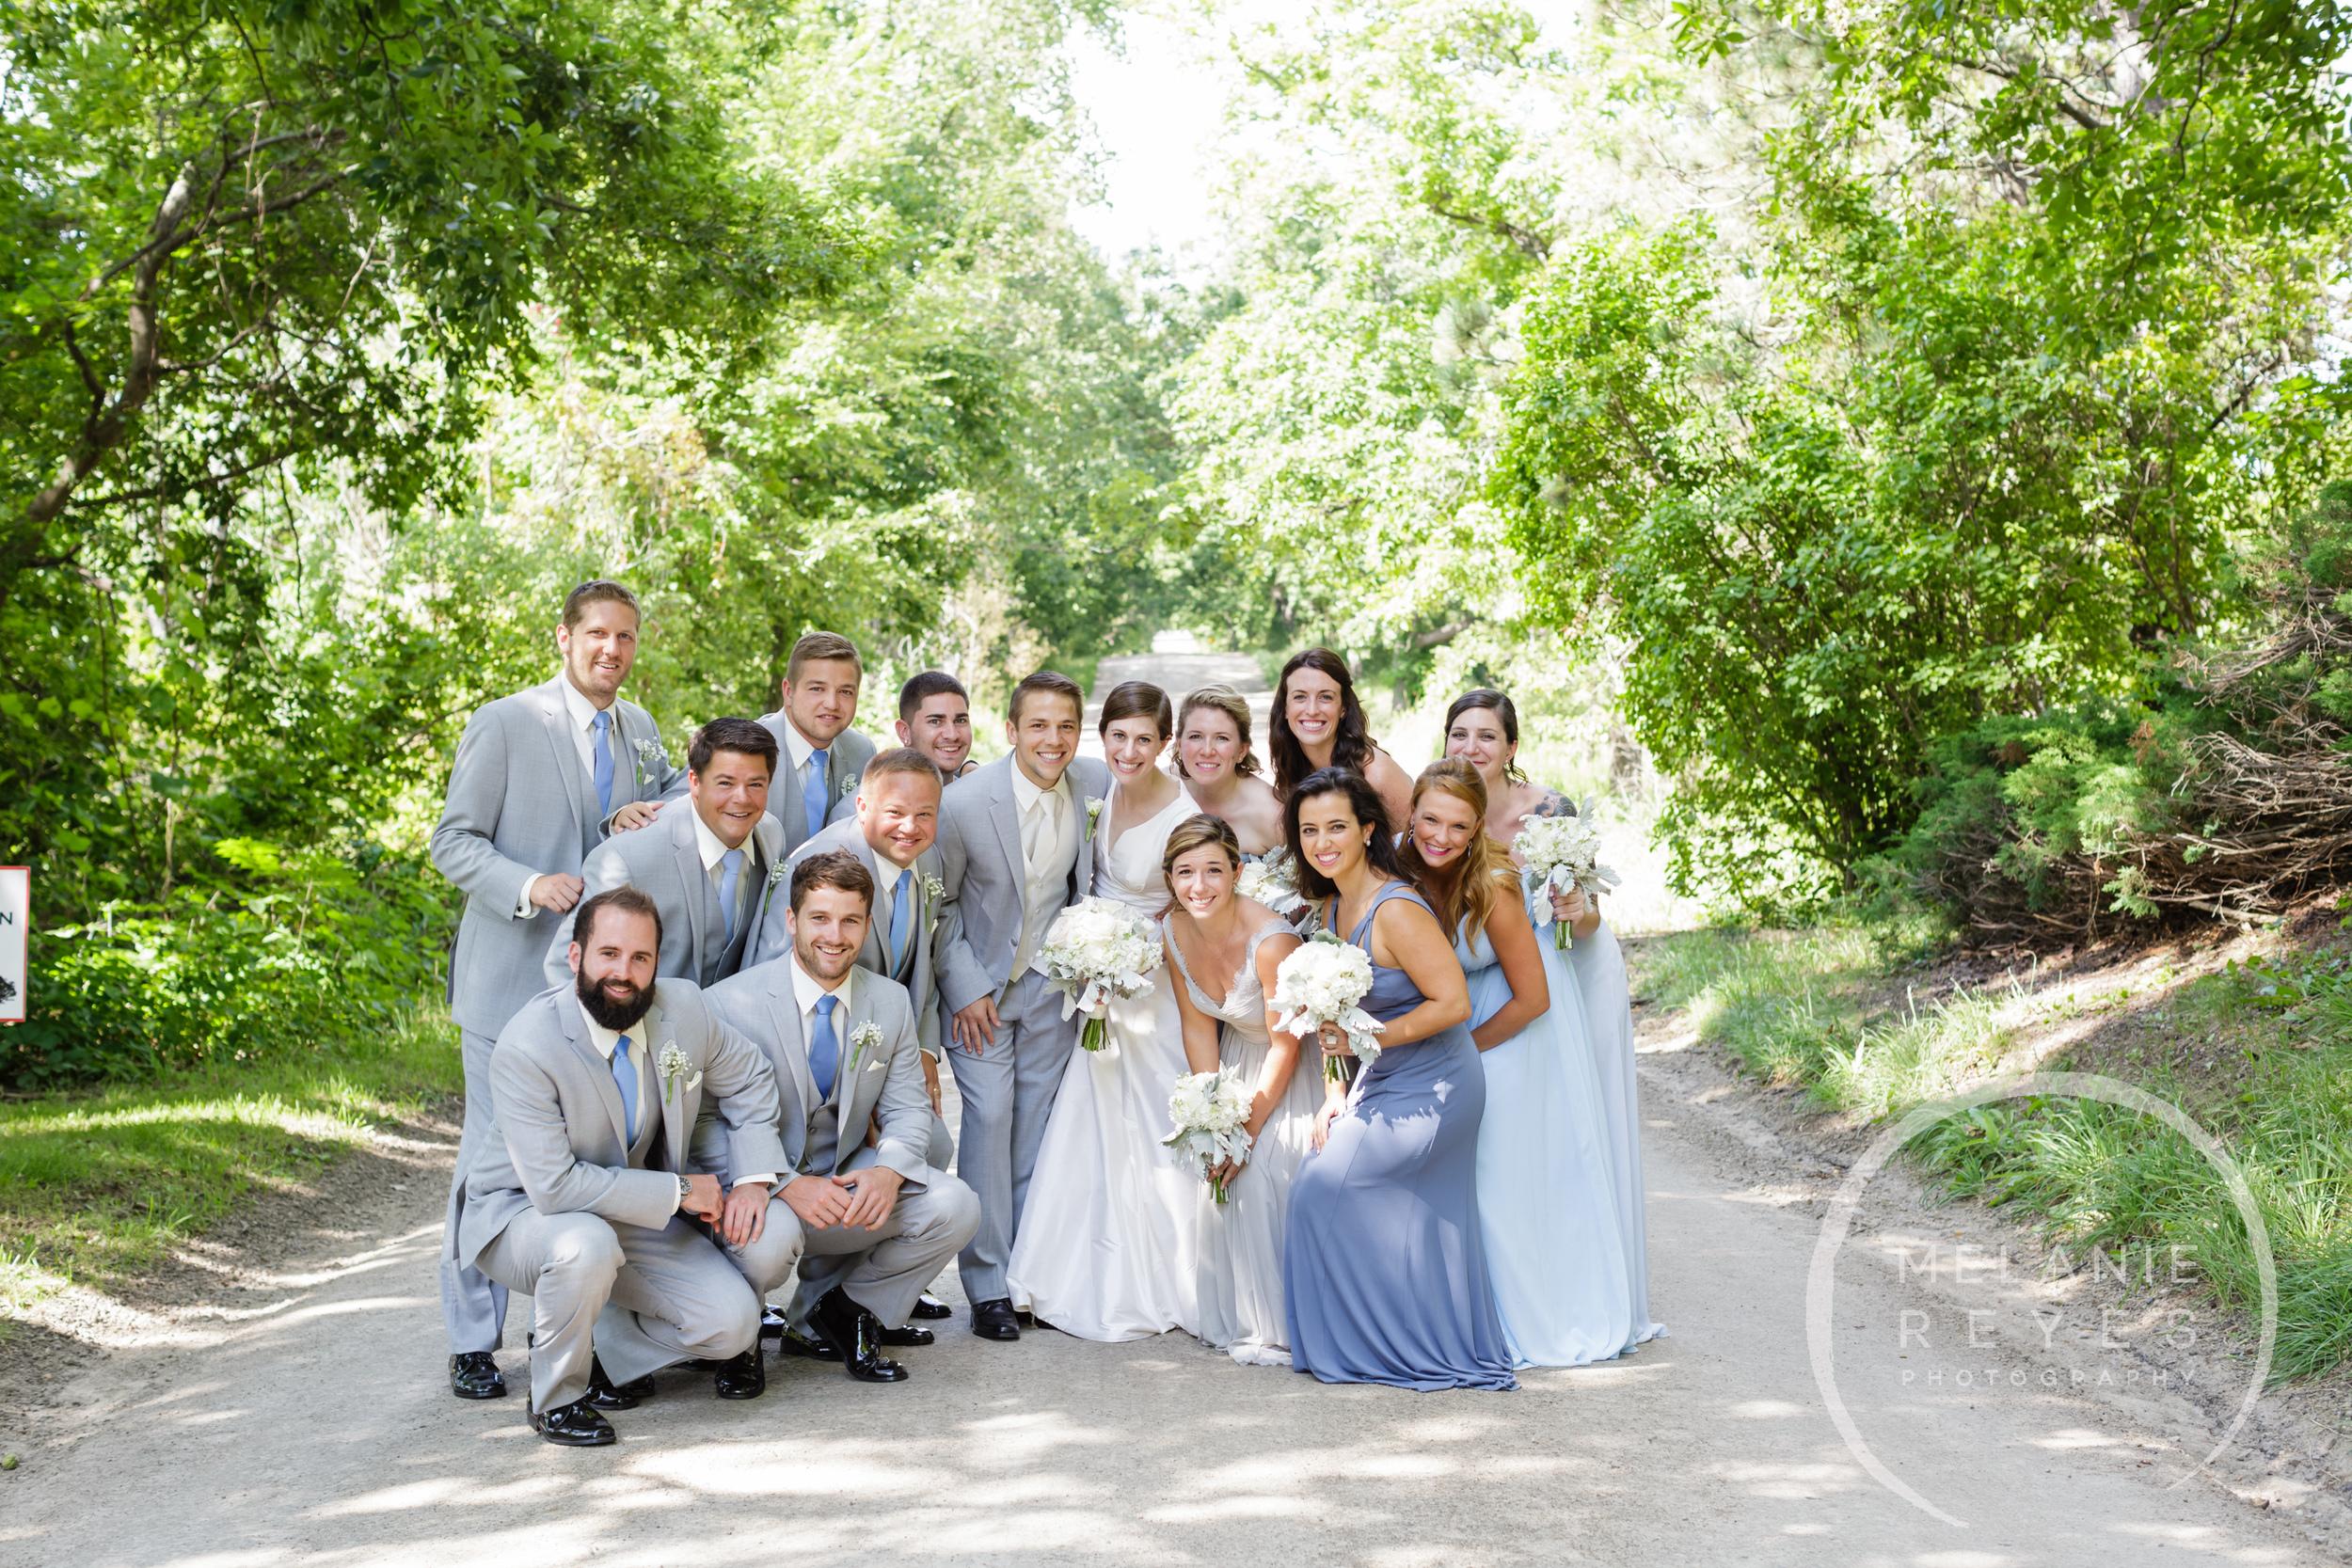 032_farm_wedding_melanie_reyes.JPG